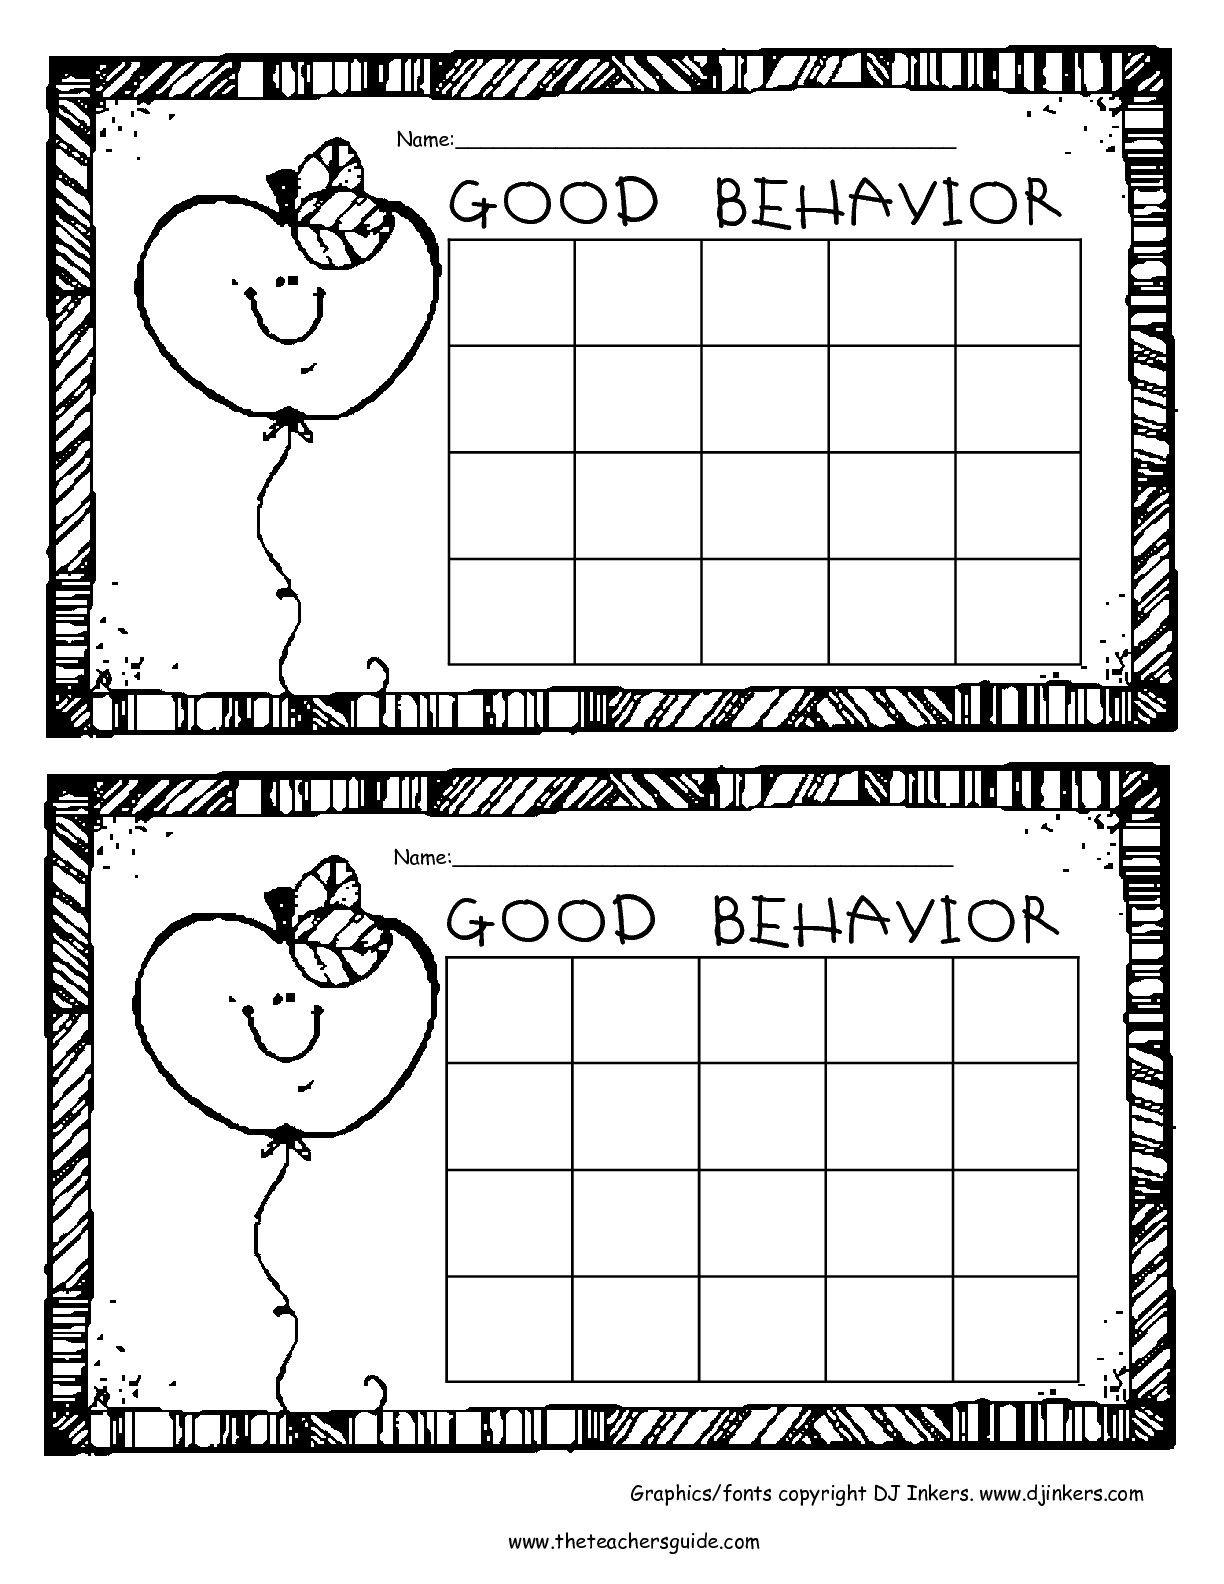 Free Printable Reward And Incentive Charts | Sticker Charts - Free Printable Incentive Charts For Teachers